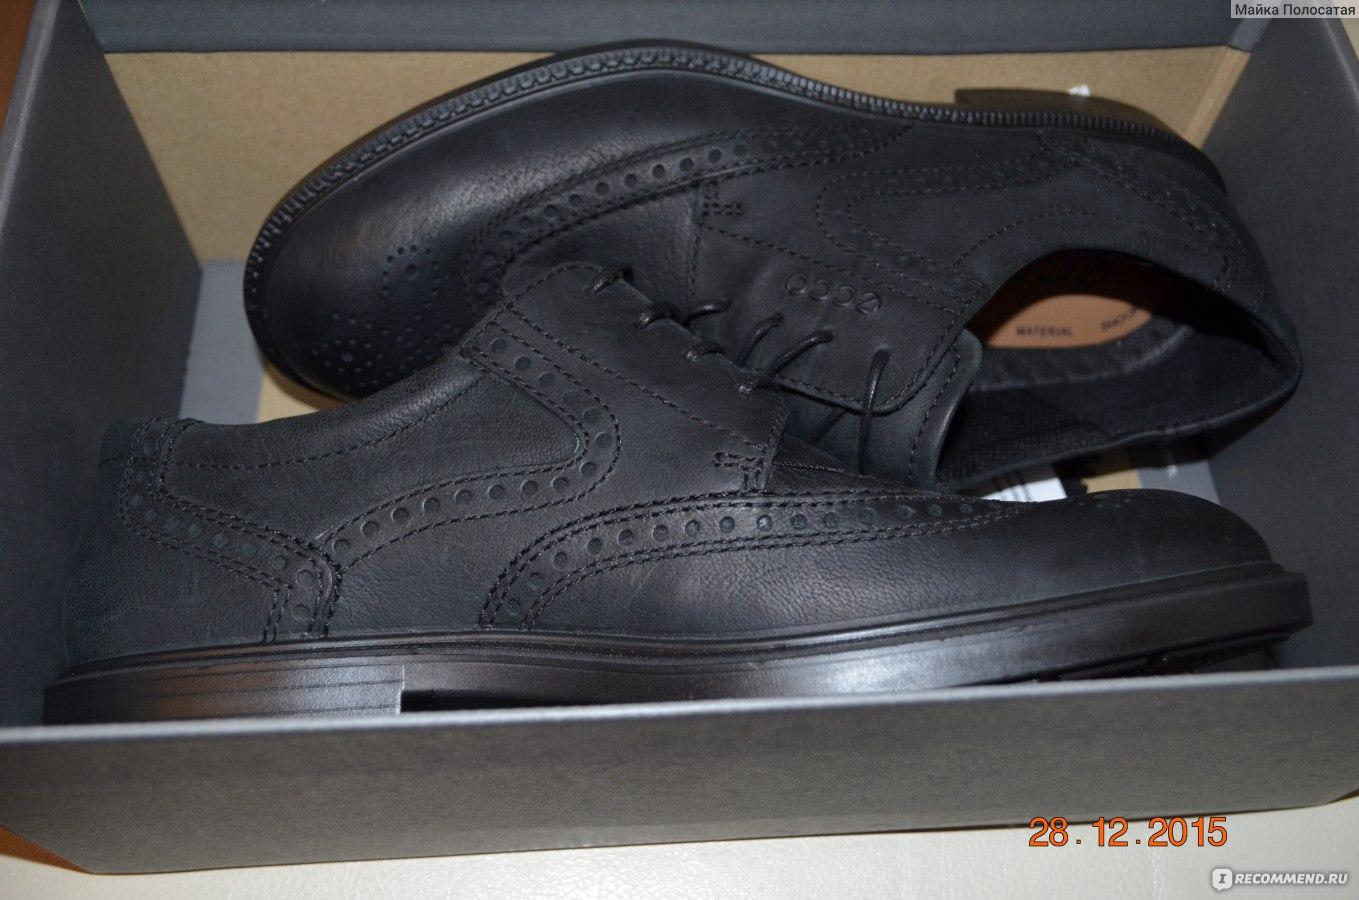 Экко обувь дешево Харьков - Качественная обувь в сети